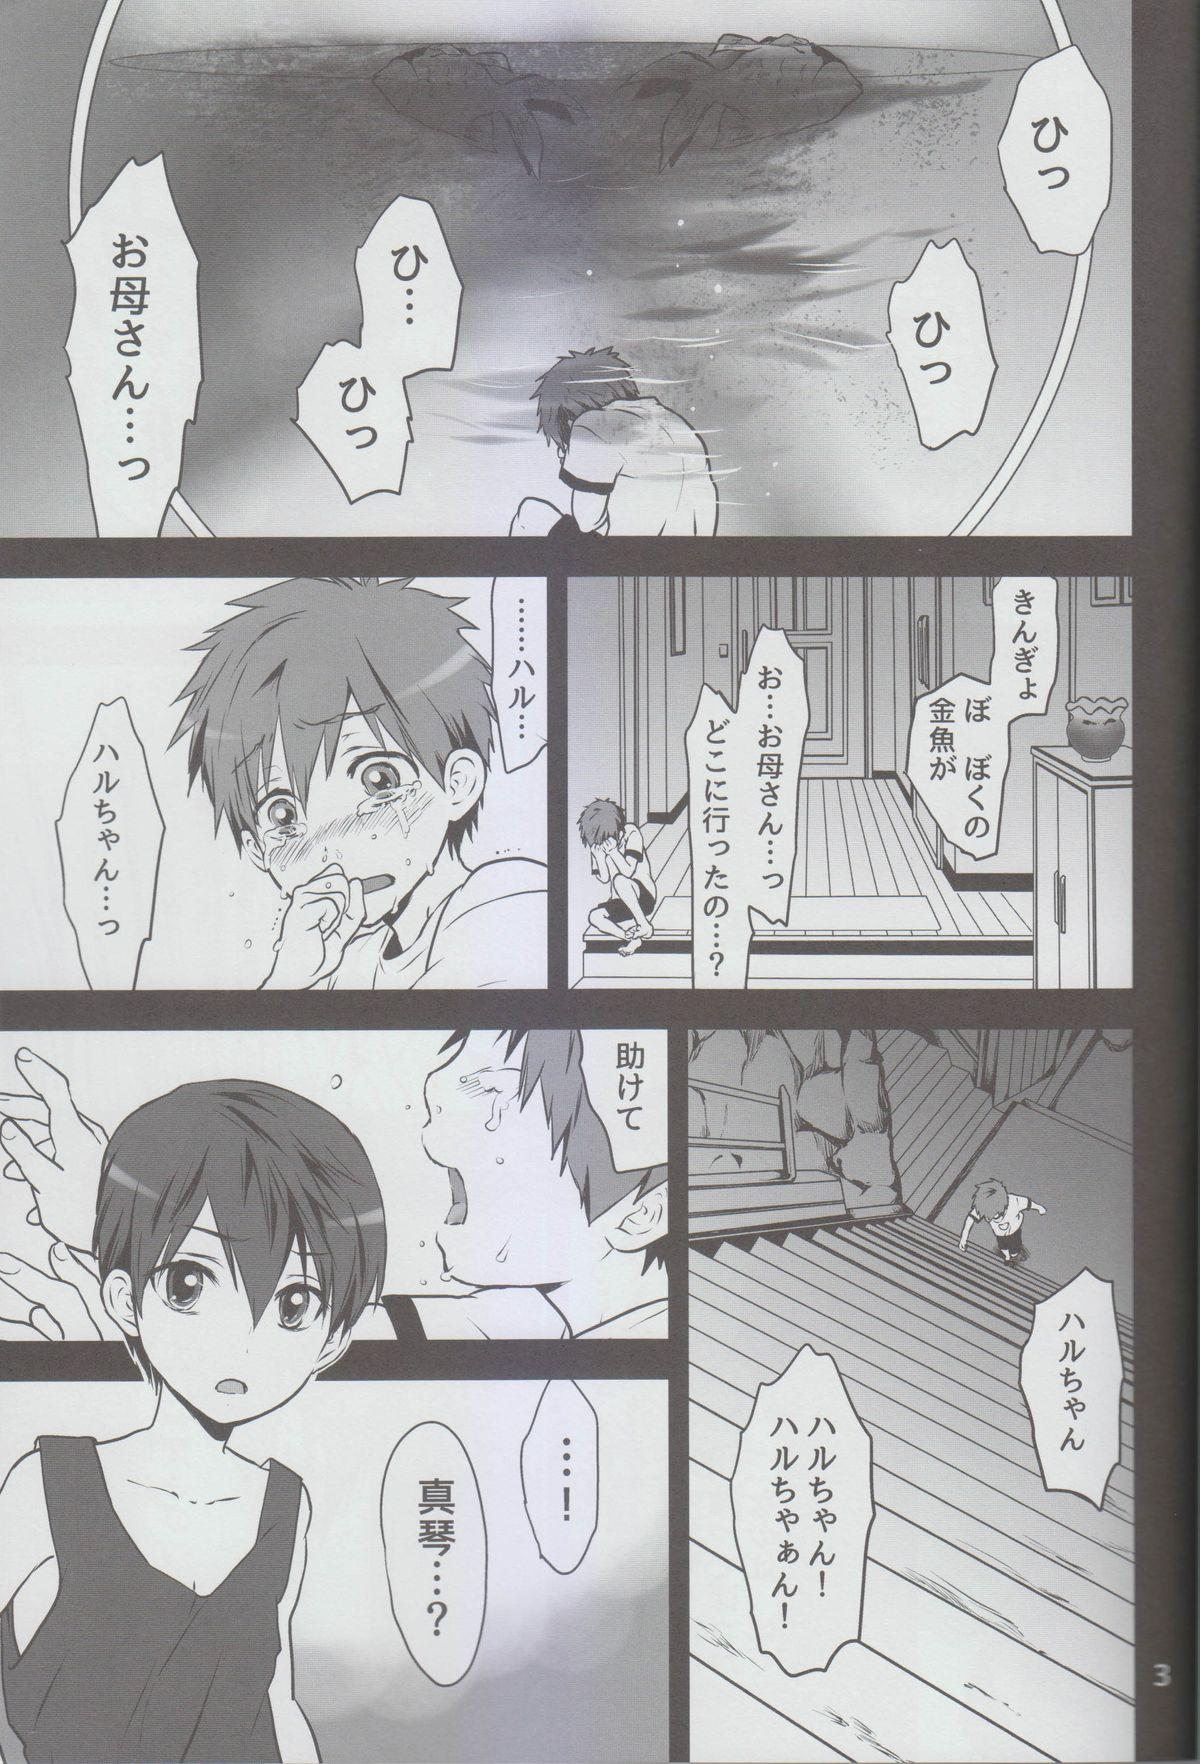 Okubyou na Boku no Kingyo wa Natsu ni Nemuri, Kimi wa Kesshite Nakanai. 1